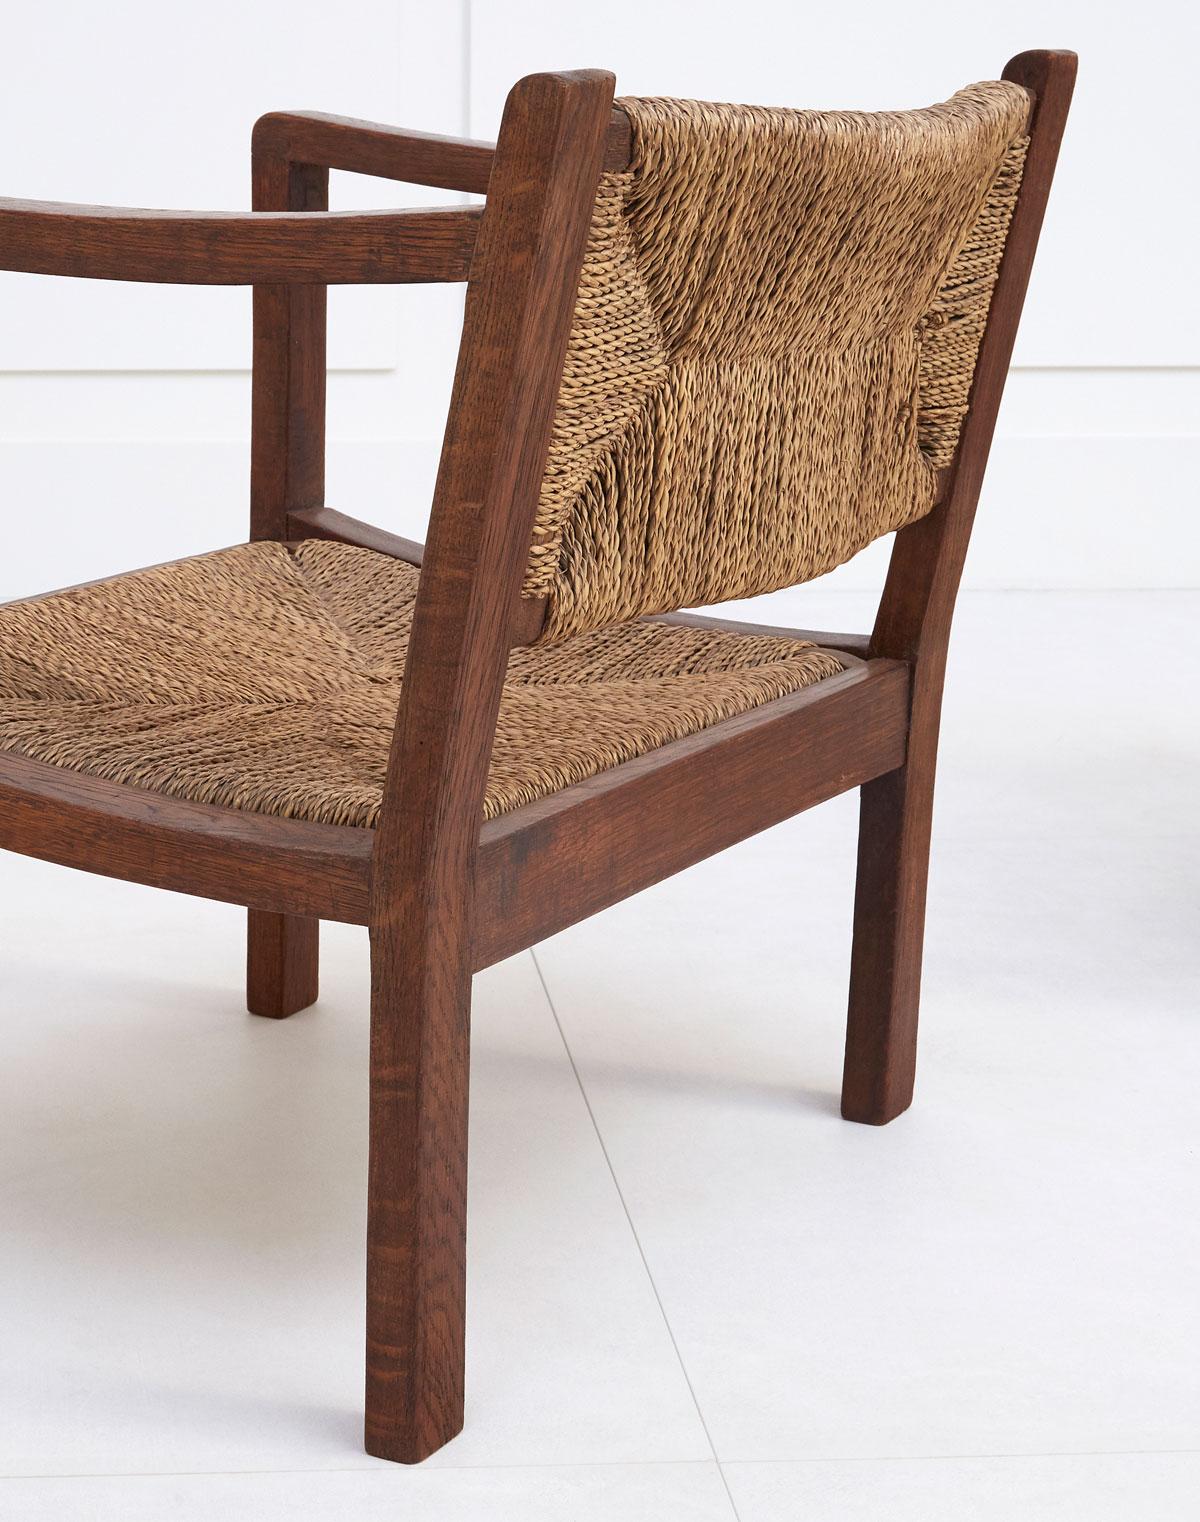 Eyre de Lanux, Paire de fauteuils, vue 02